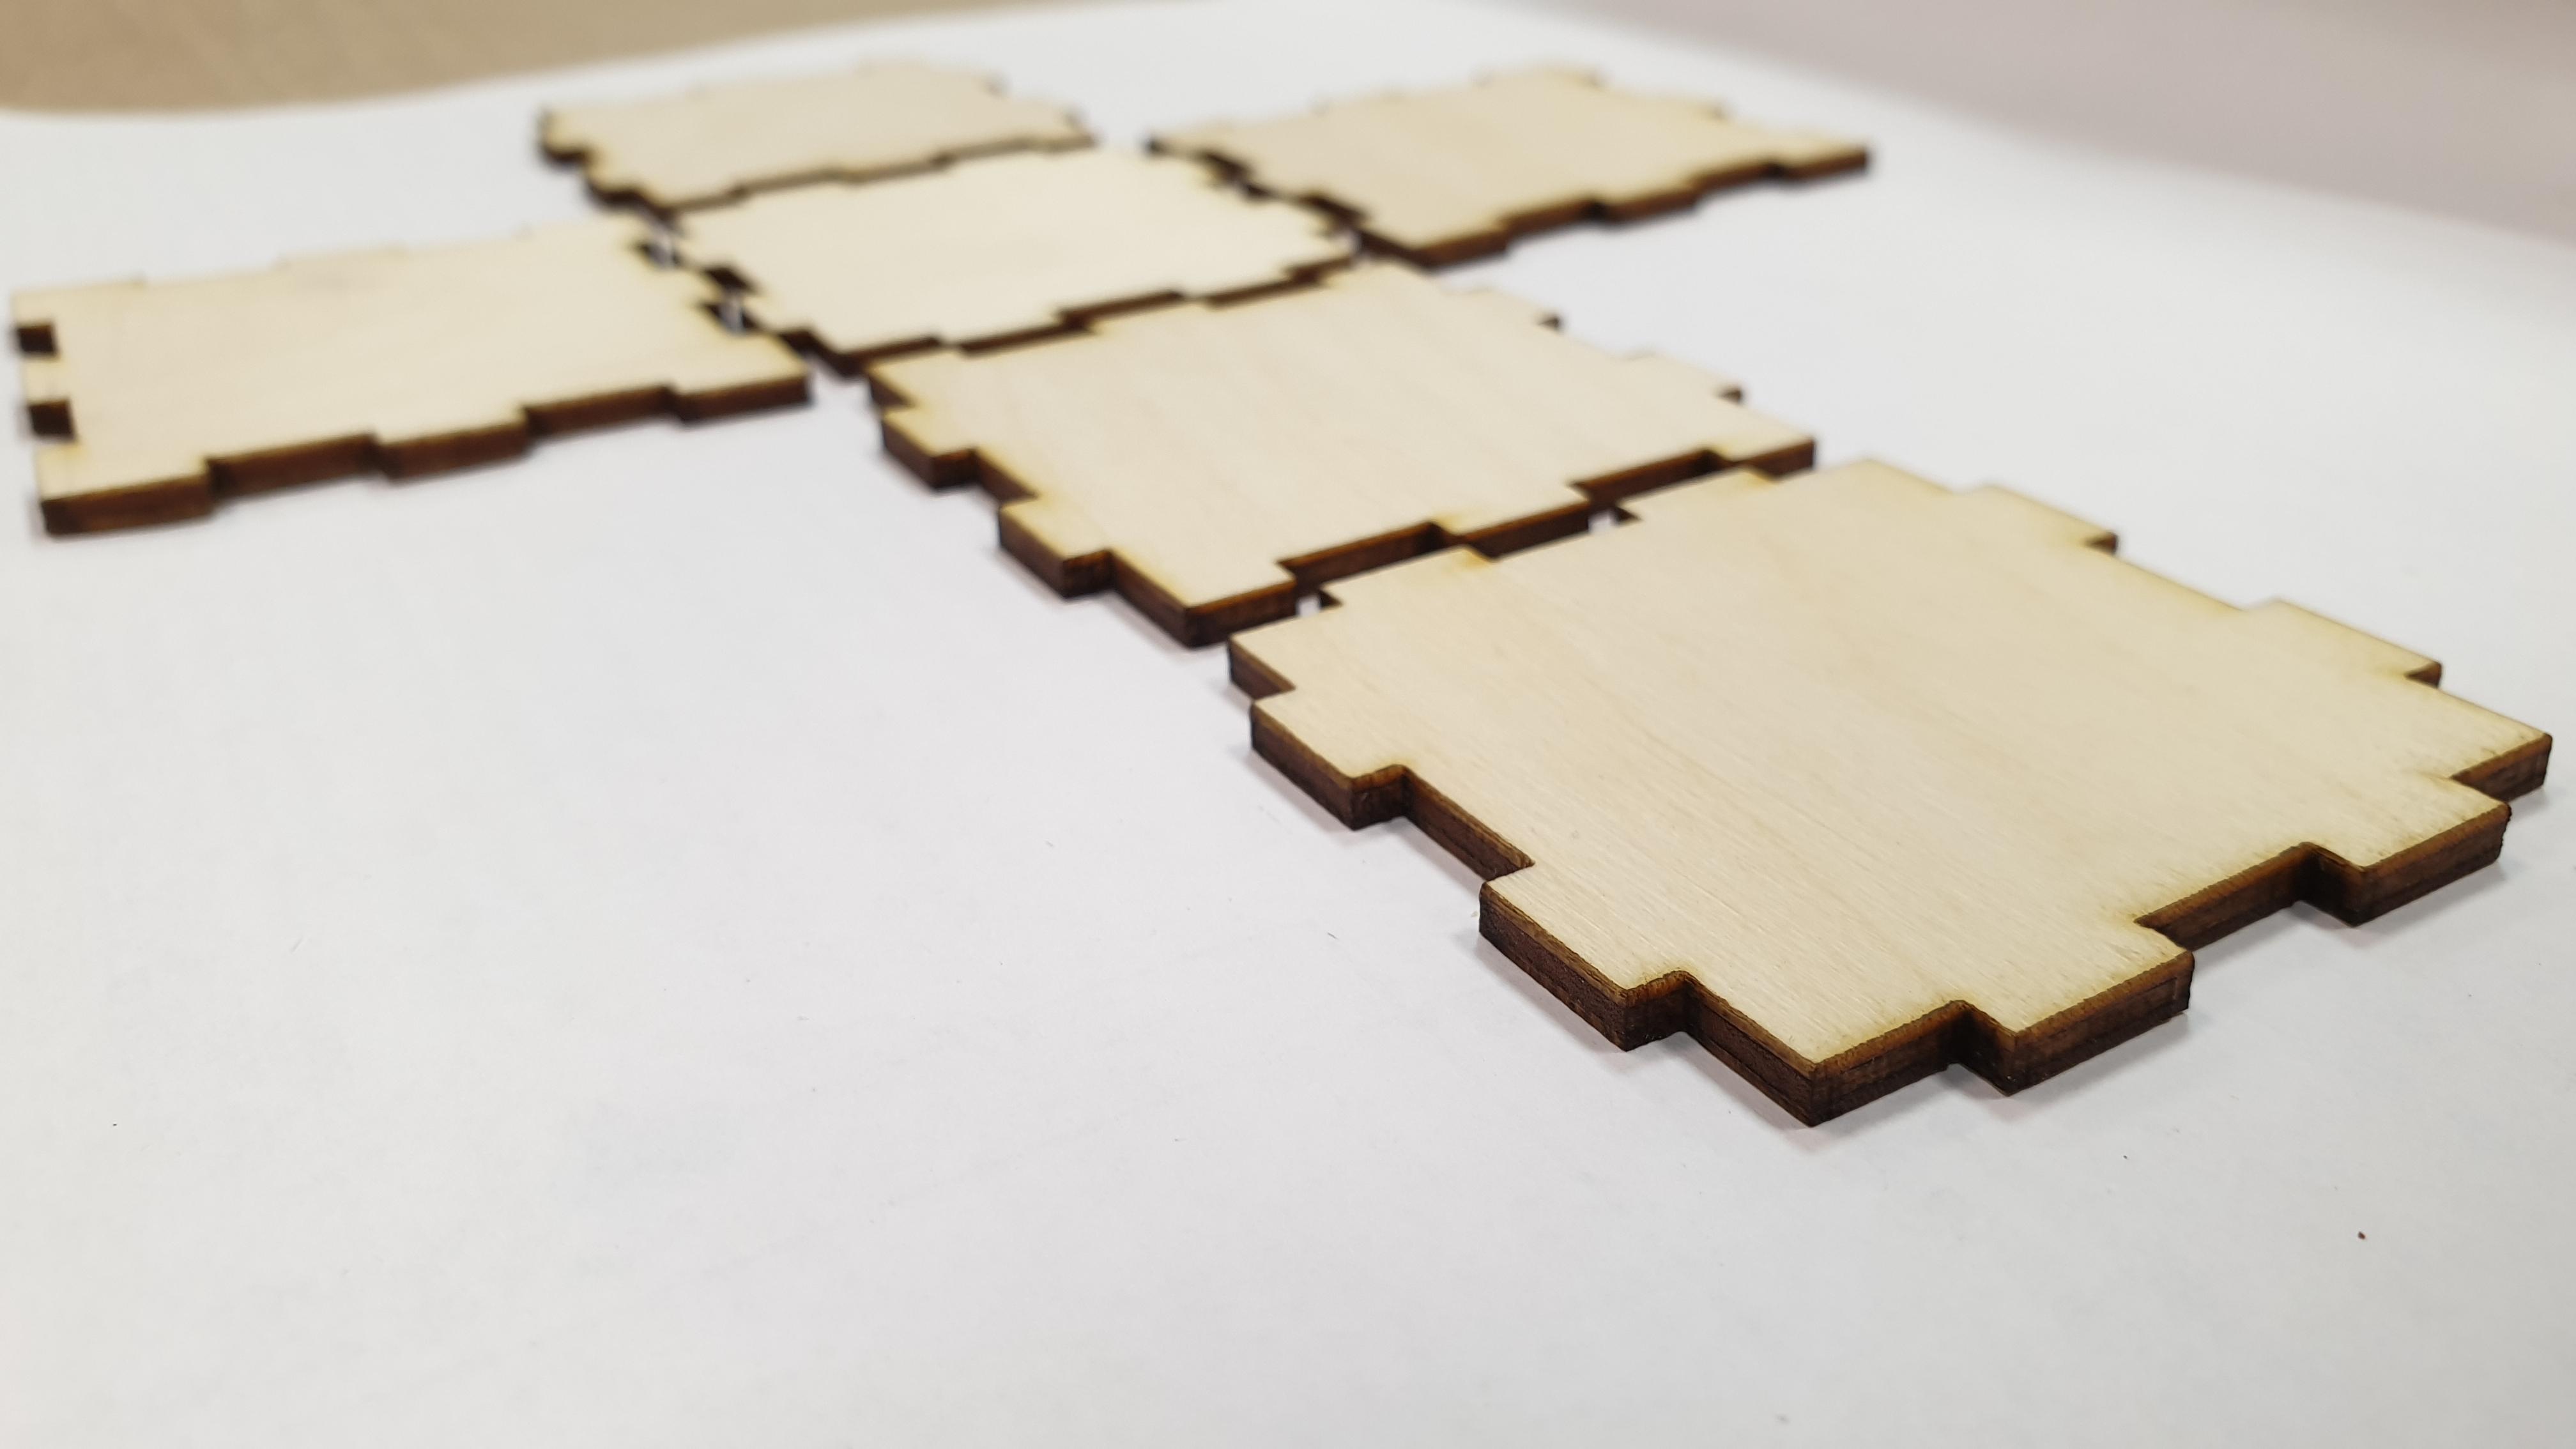 Заготовка фото кубика из фанеры